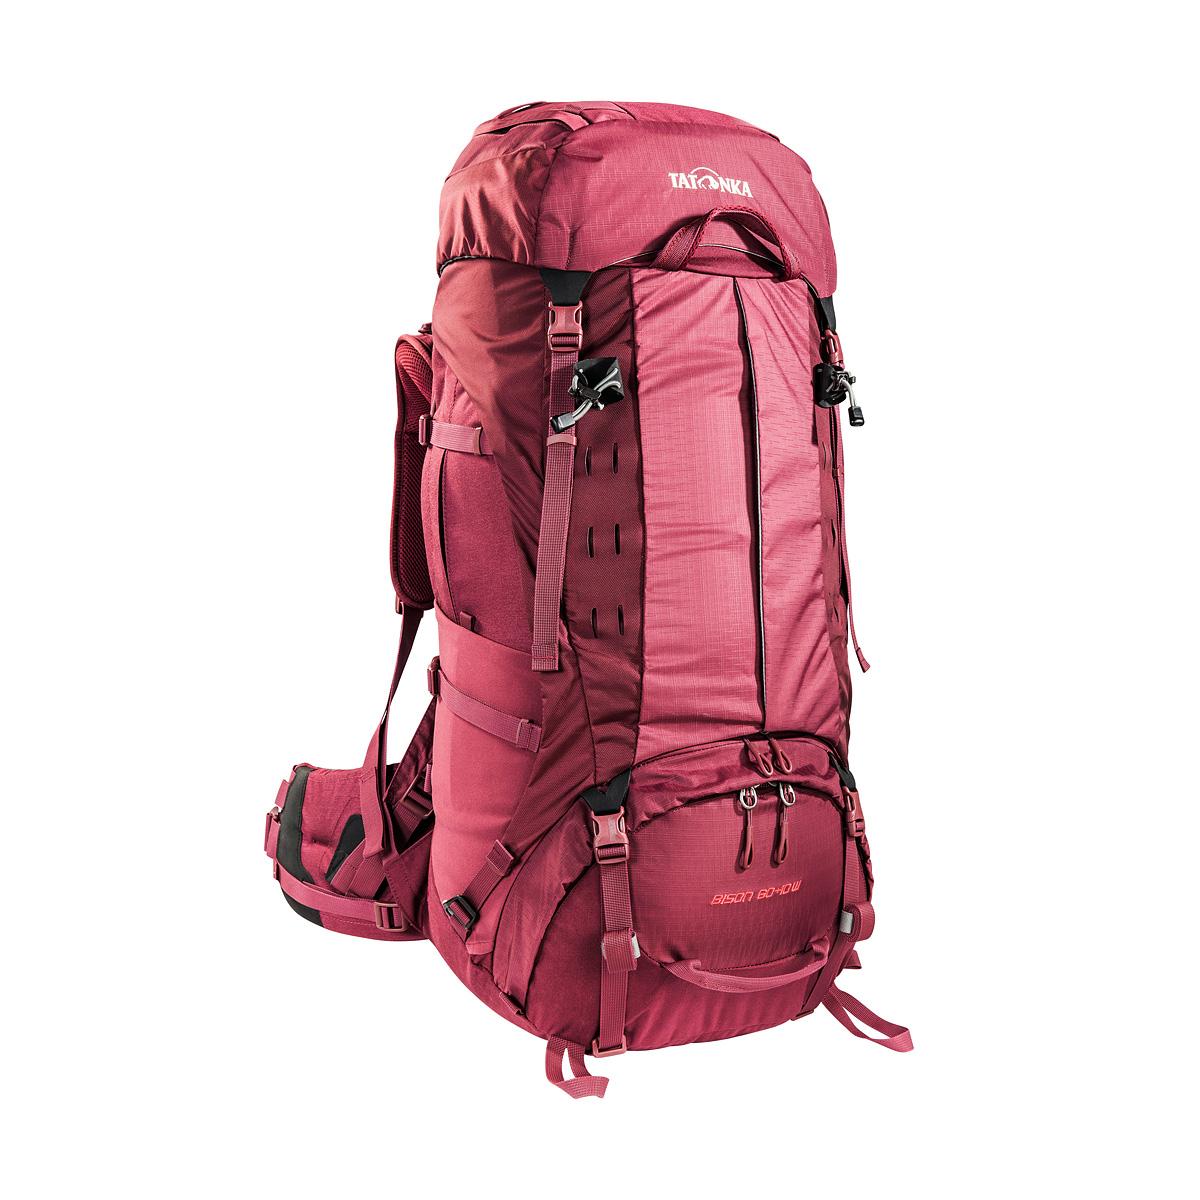 Женский туристический рюкзак Bison 65+10